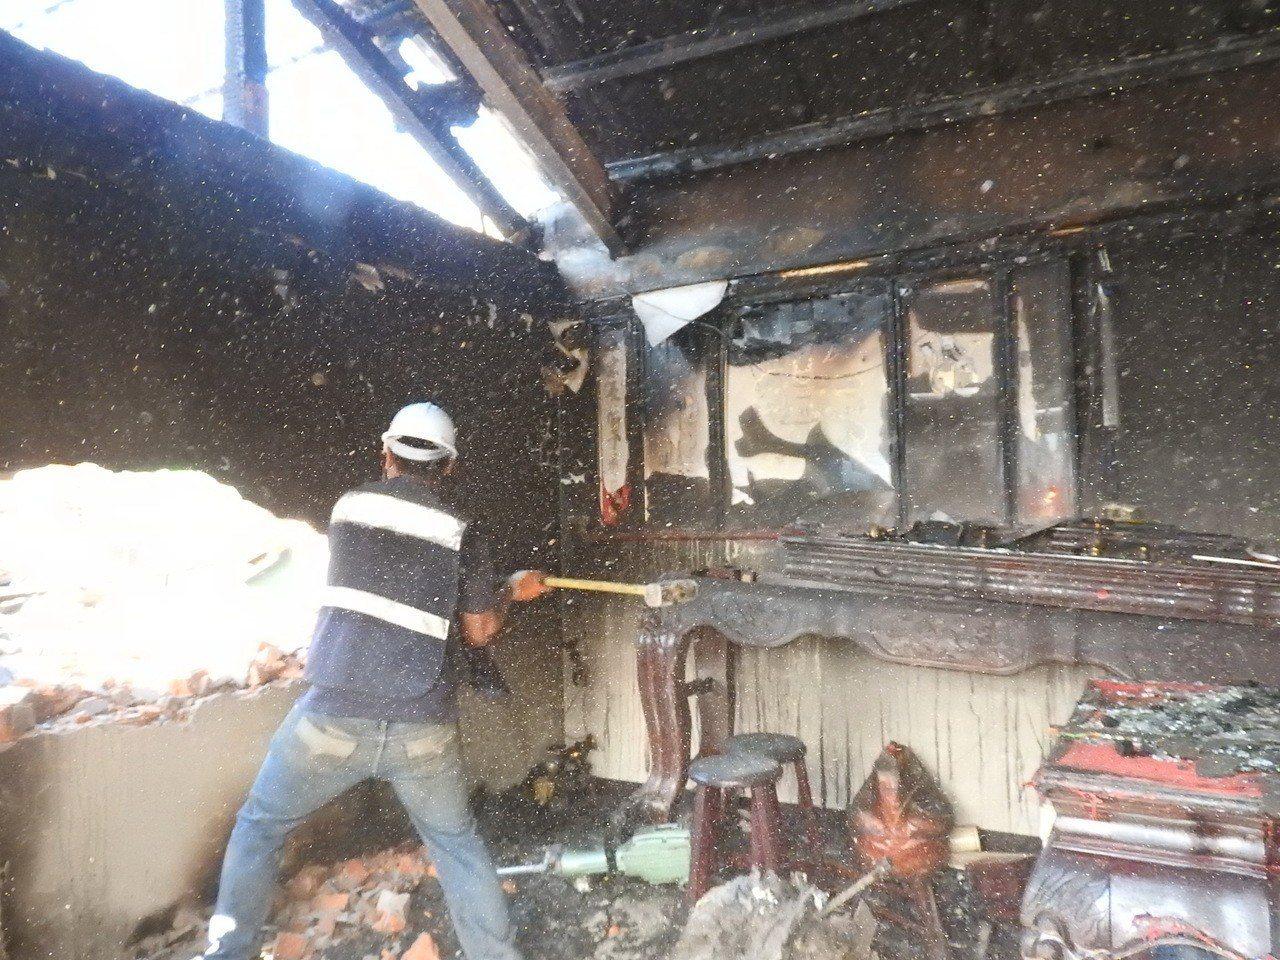 新北市中和新生街一處頂樓加蓋1月7日發生火災,結構受損已有公安疑慮,新北市府今起...